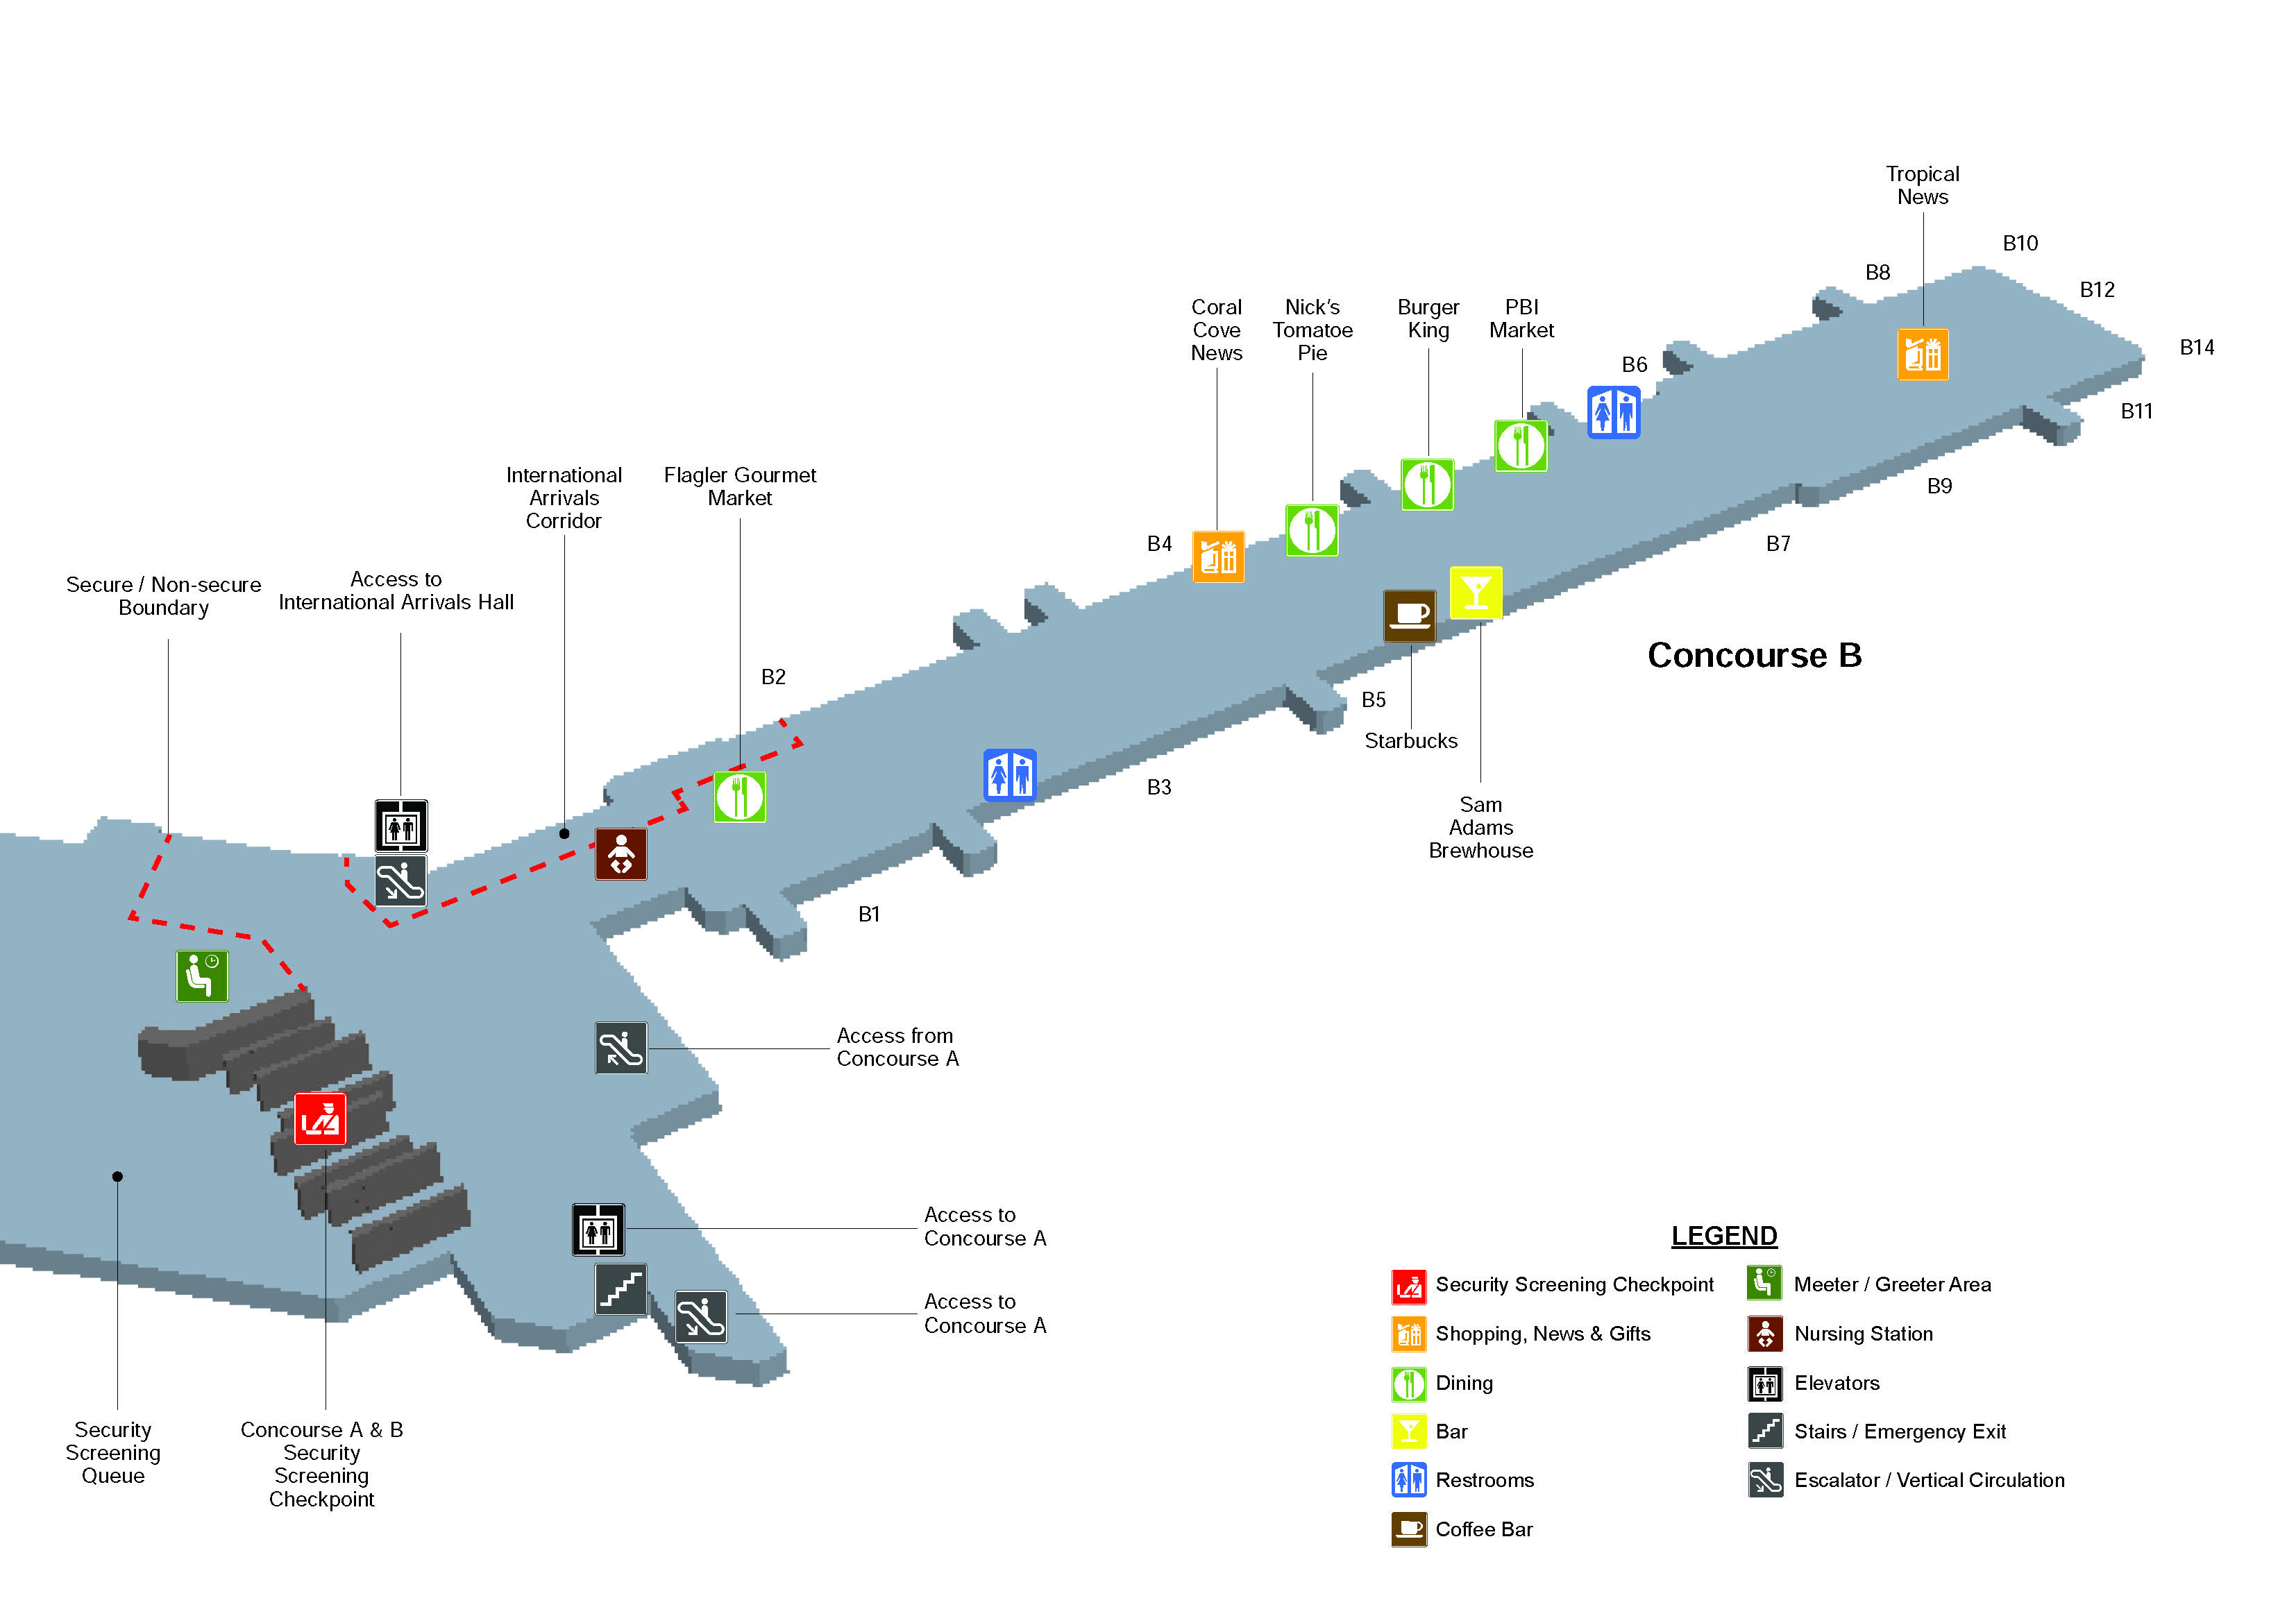 west palm beach airport terminal map Terminal Maps Palm Beach International Airport west palm beach airport terminal map